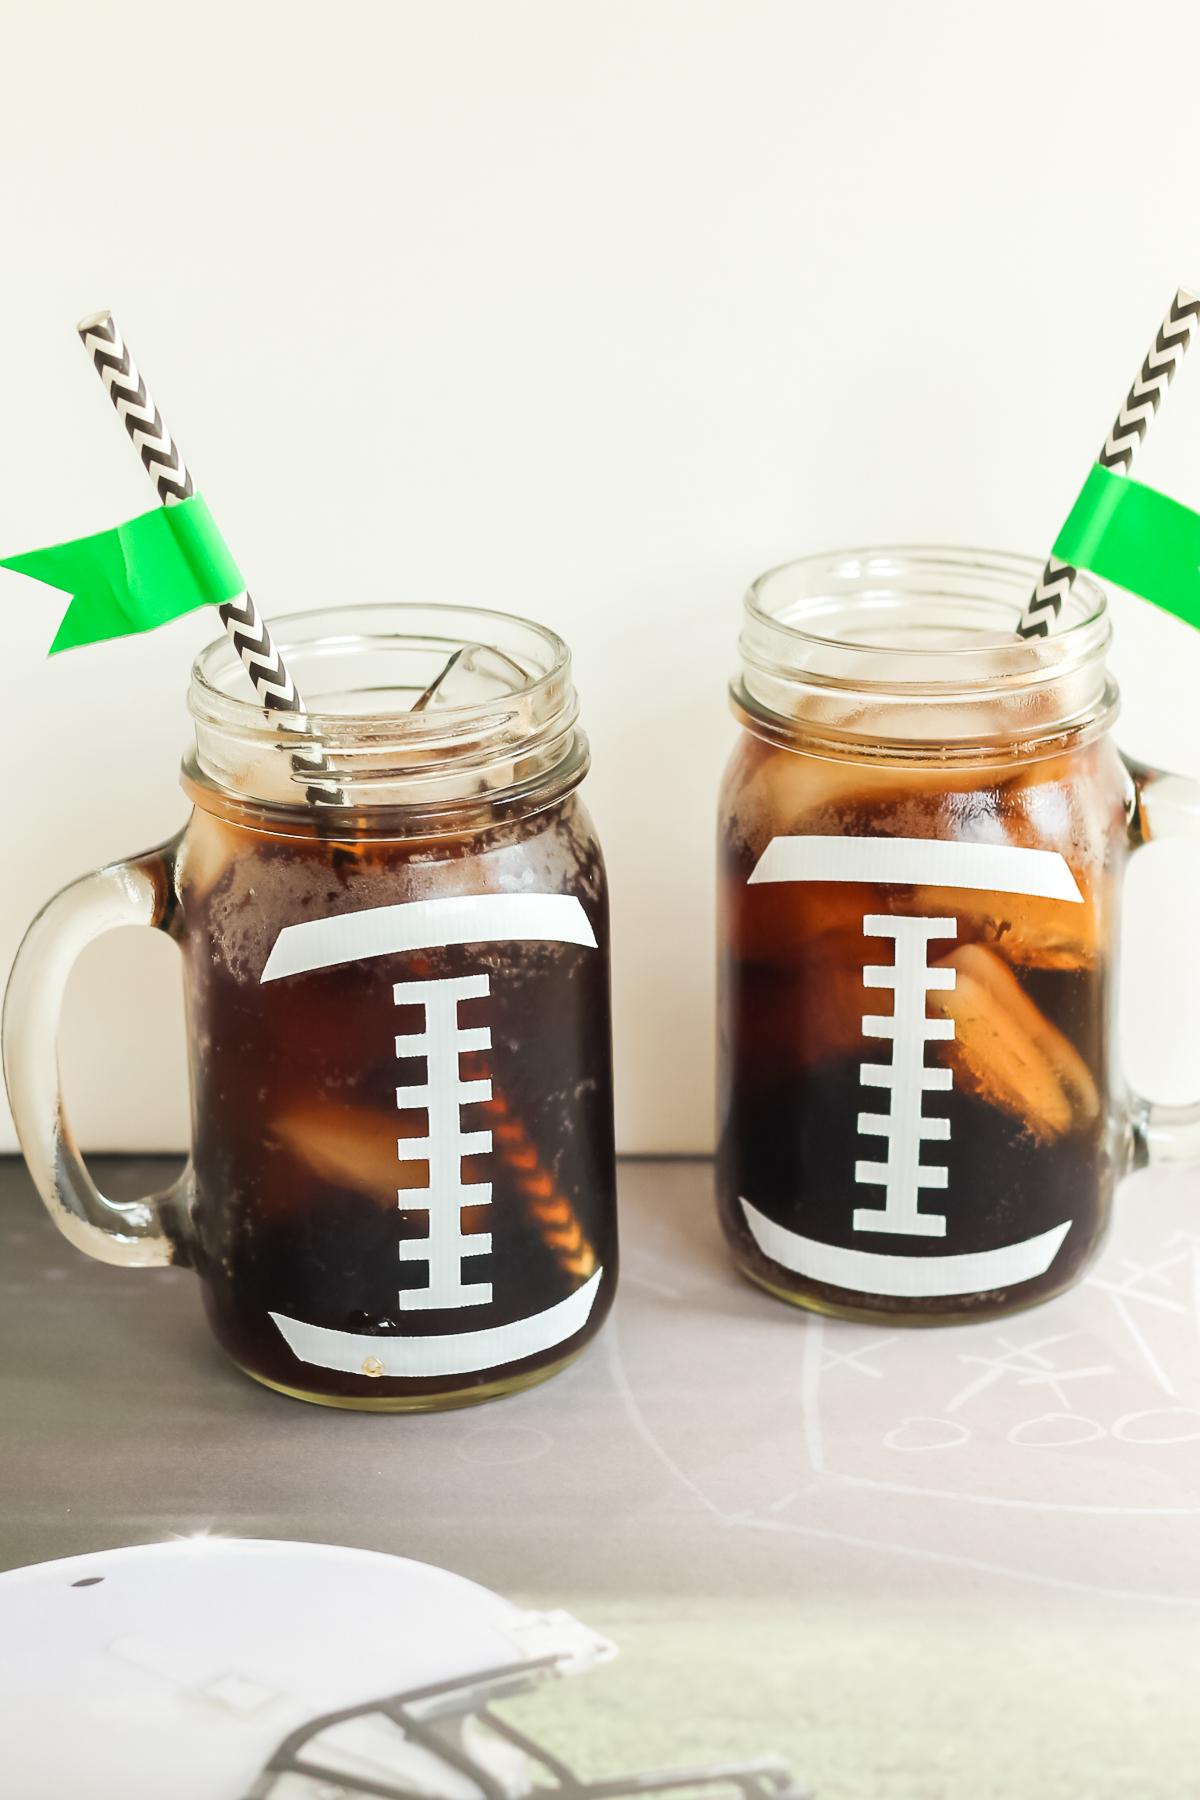 mason jars that look like footballs